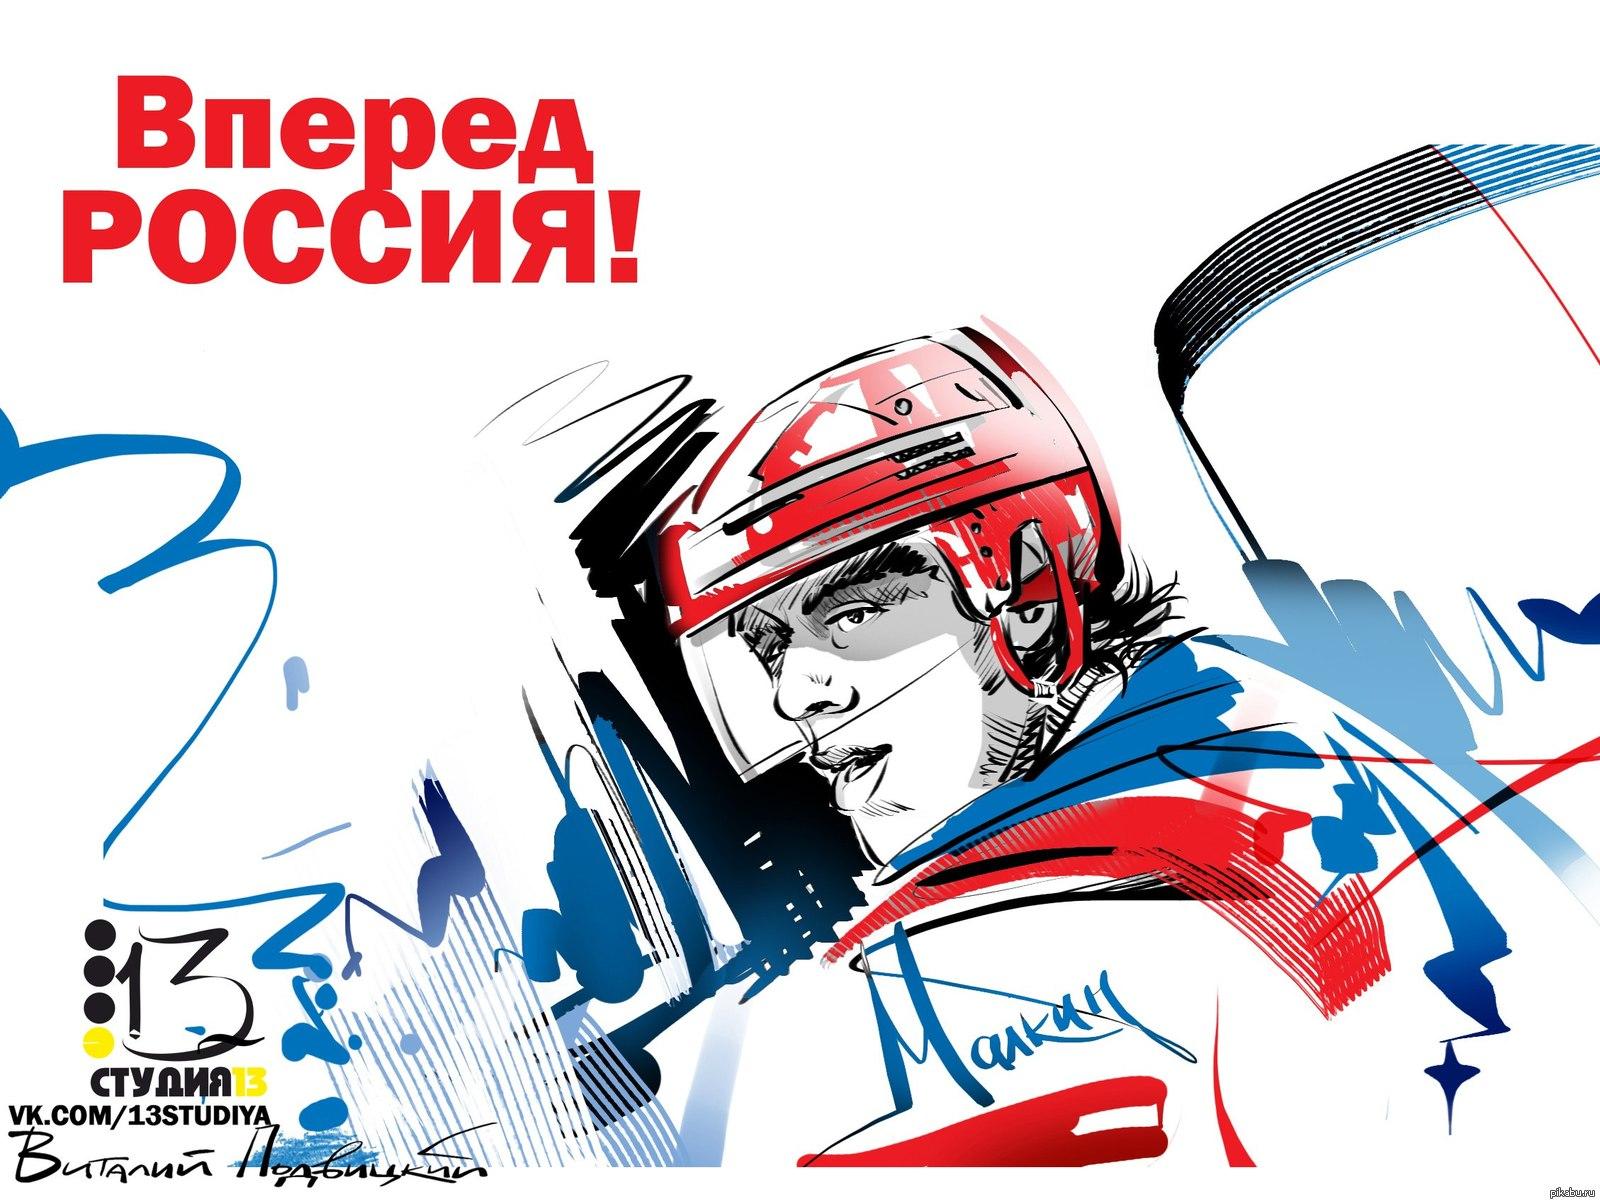 ролик вперед к победе картинки хоккей по-липецки паста